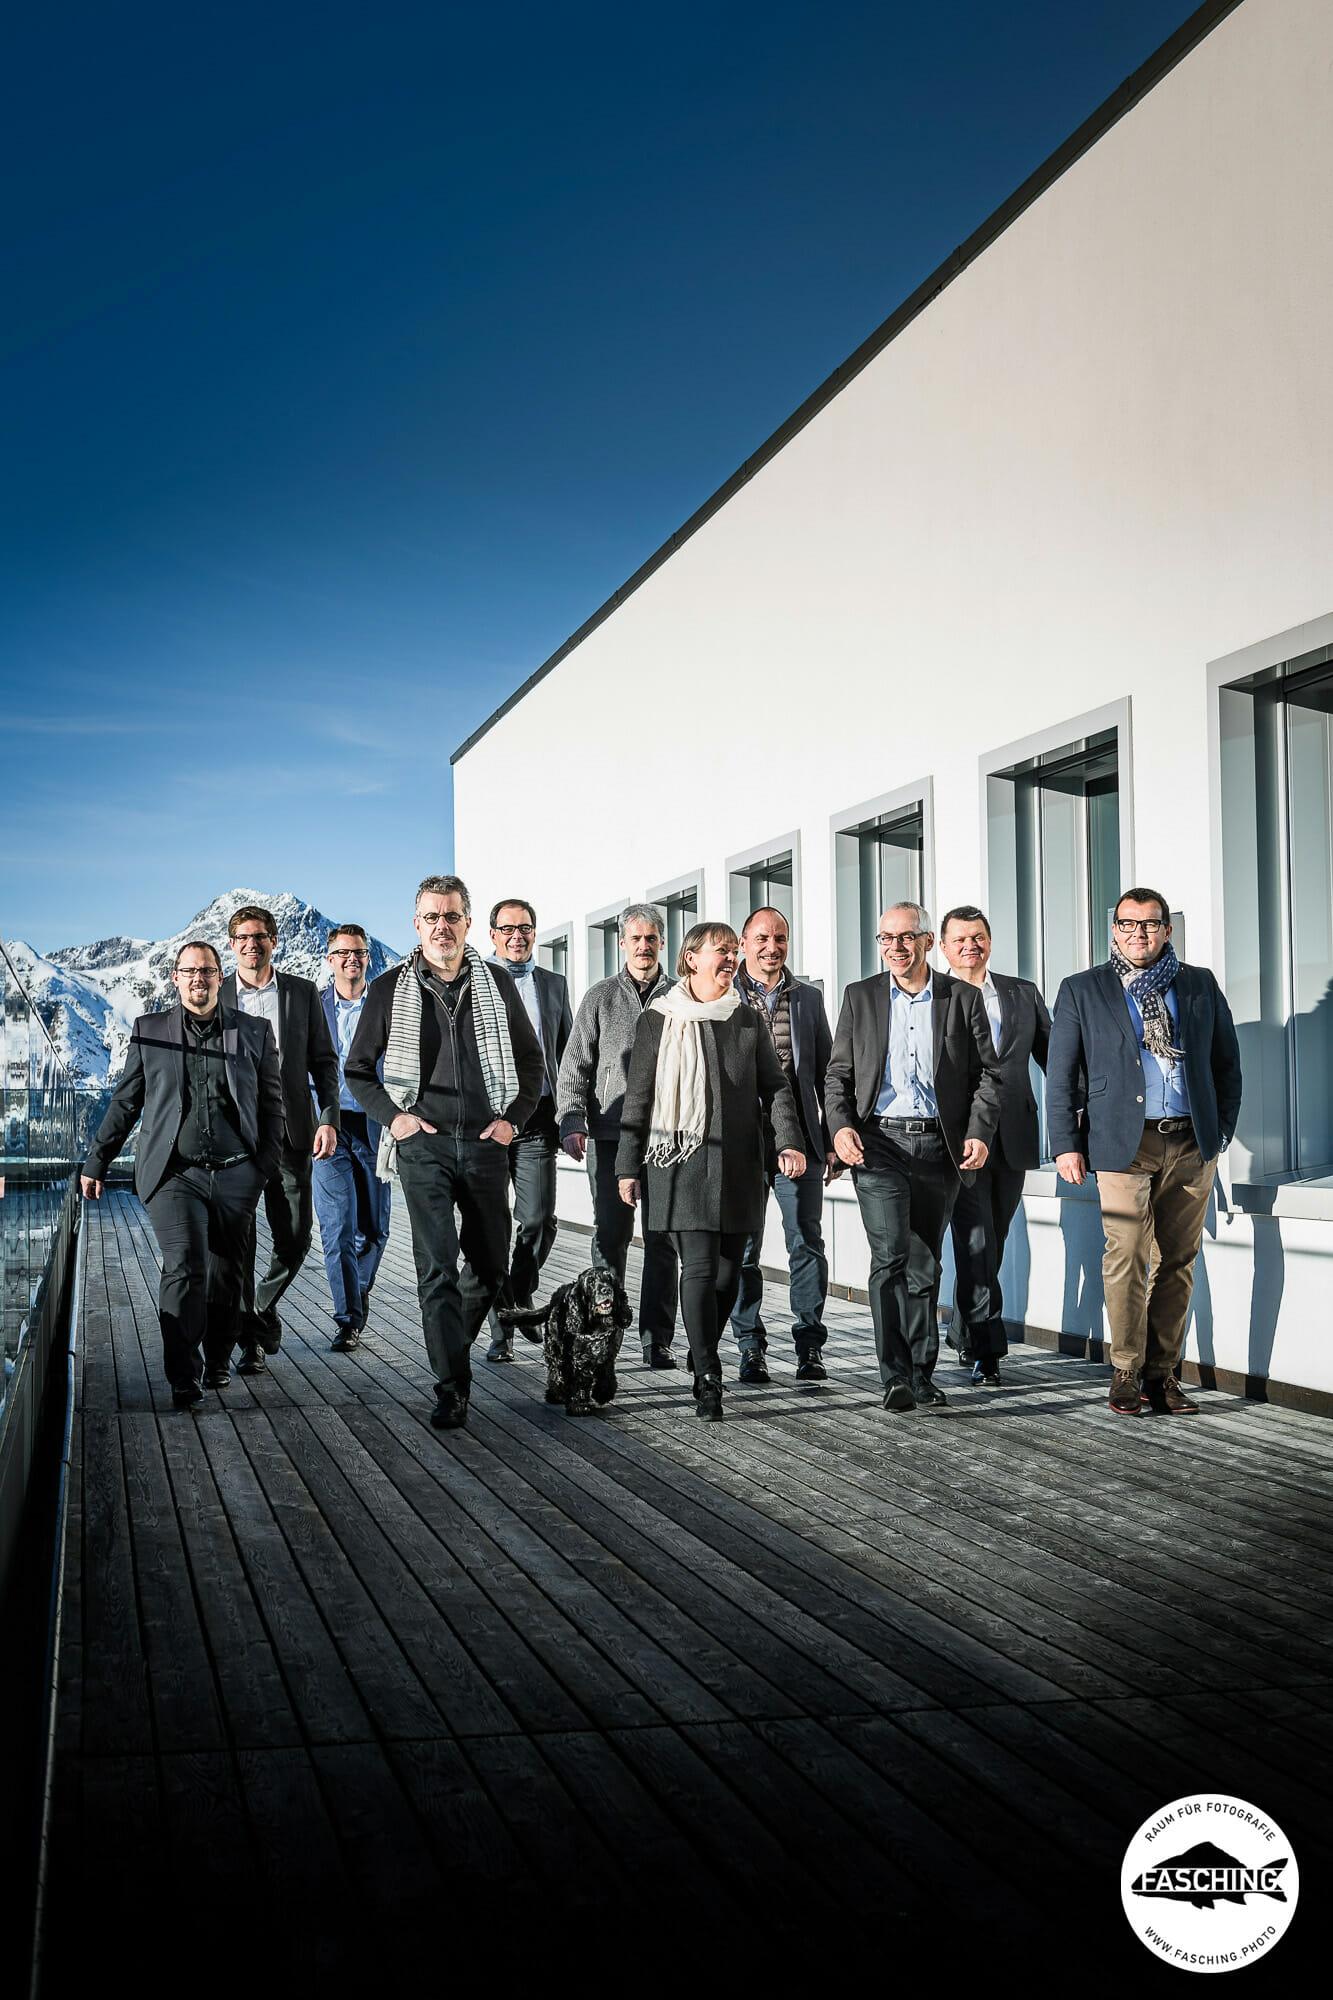 Diese Bussiness Gruppenaufnahmen der Fanzun AG wurden von Unternehmensfotograf Reinhard Fasching fotografiert